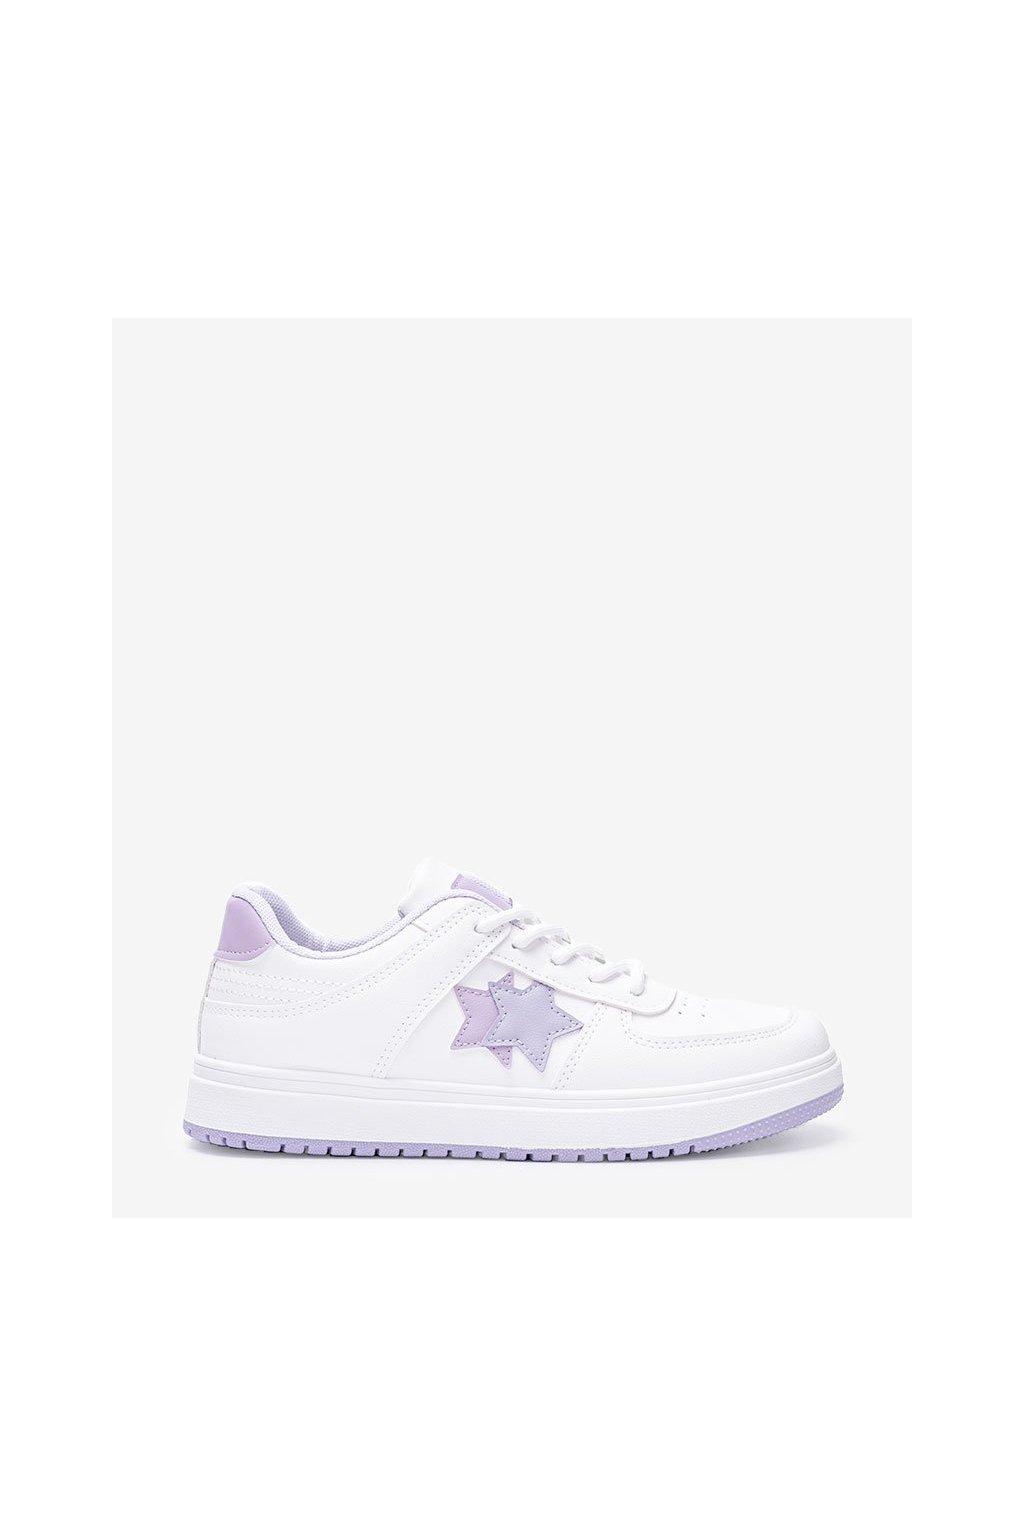 Dámske topánky tenisky fialové kód 6138 - GM